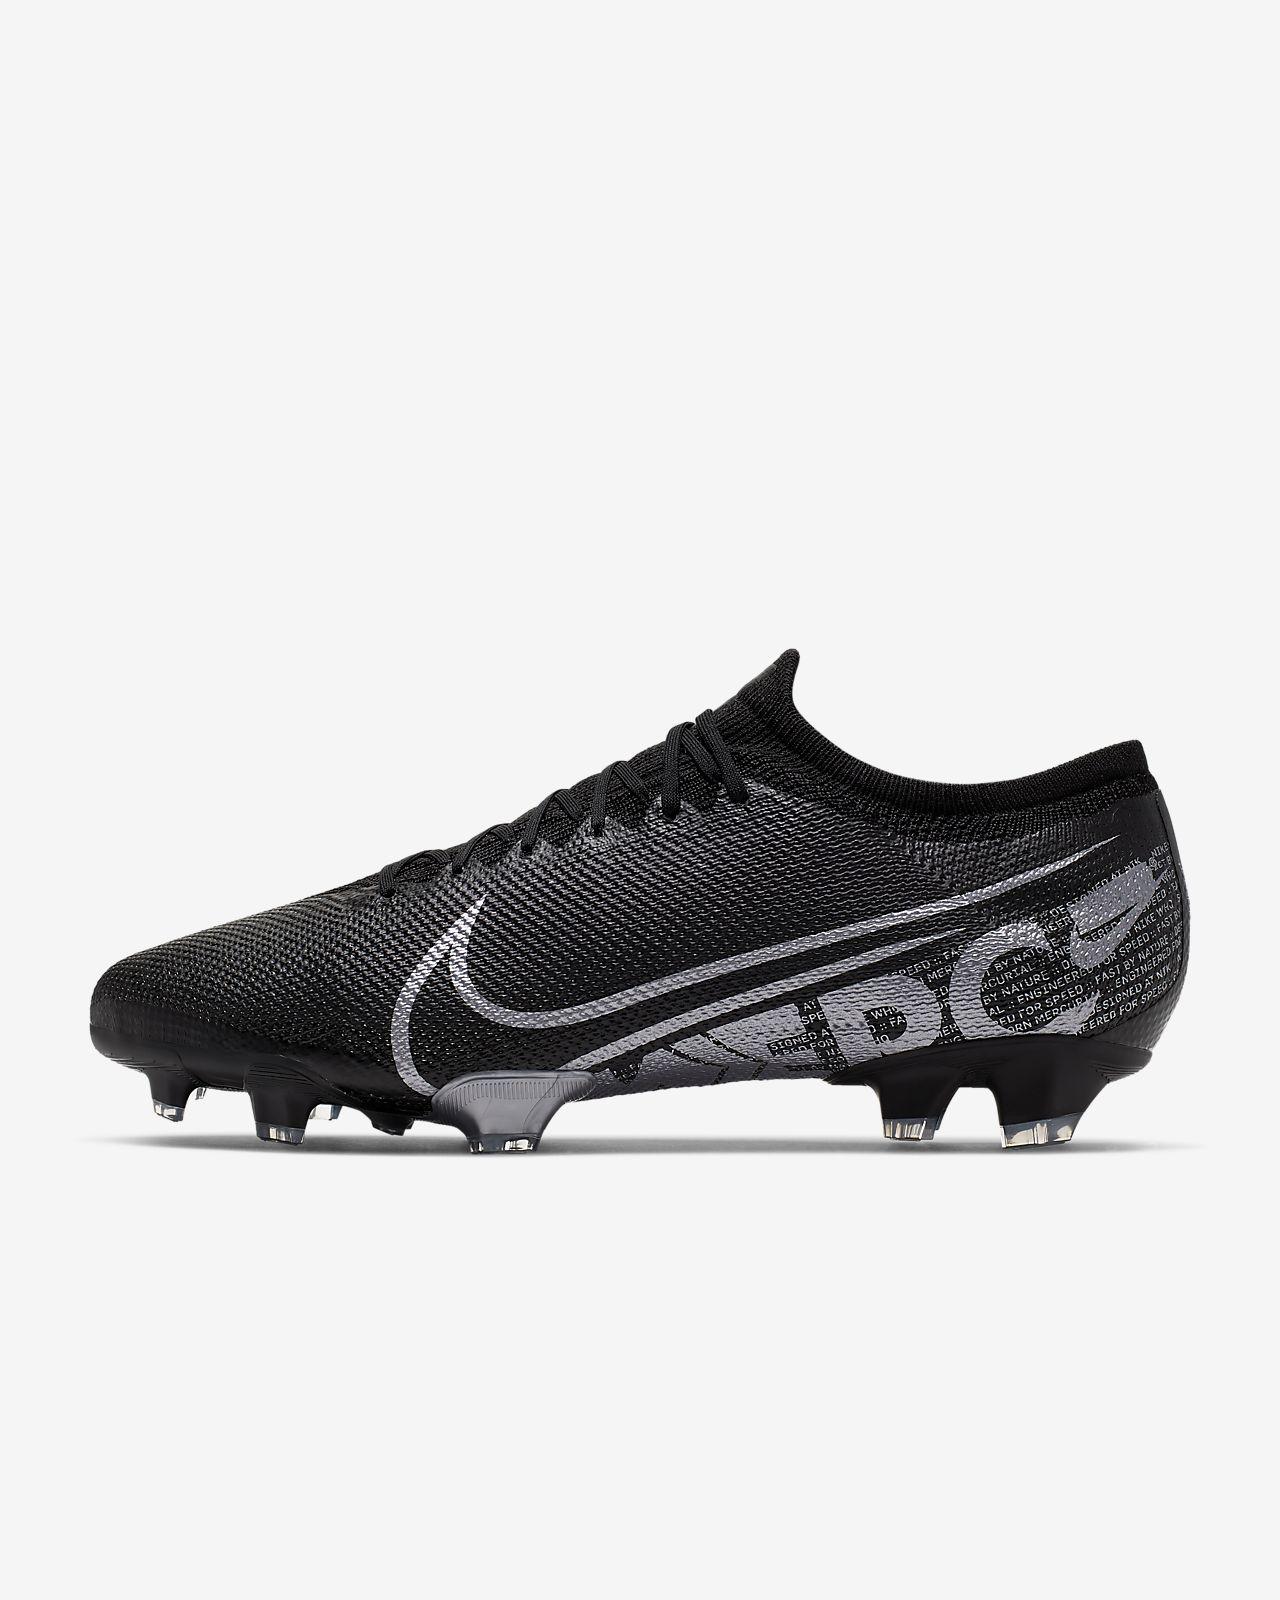 Nike Mercurial Vapor 13 Pro FG-fodboldstøvle (græs)